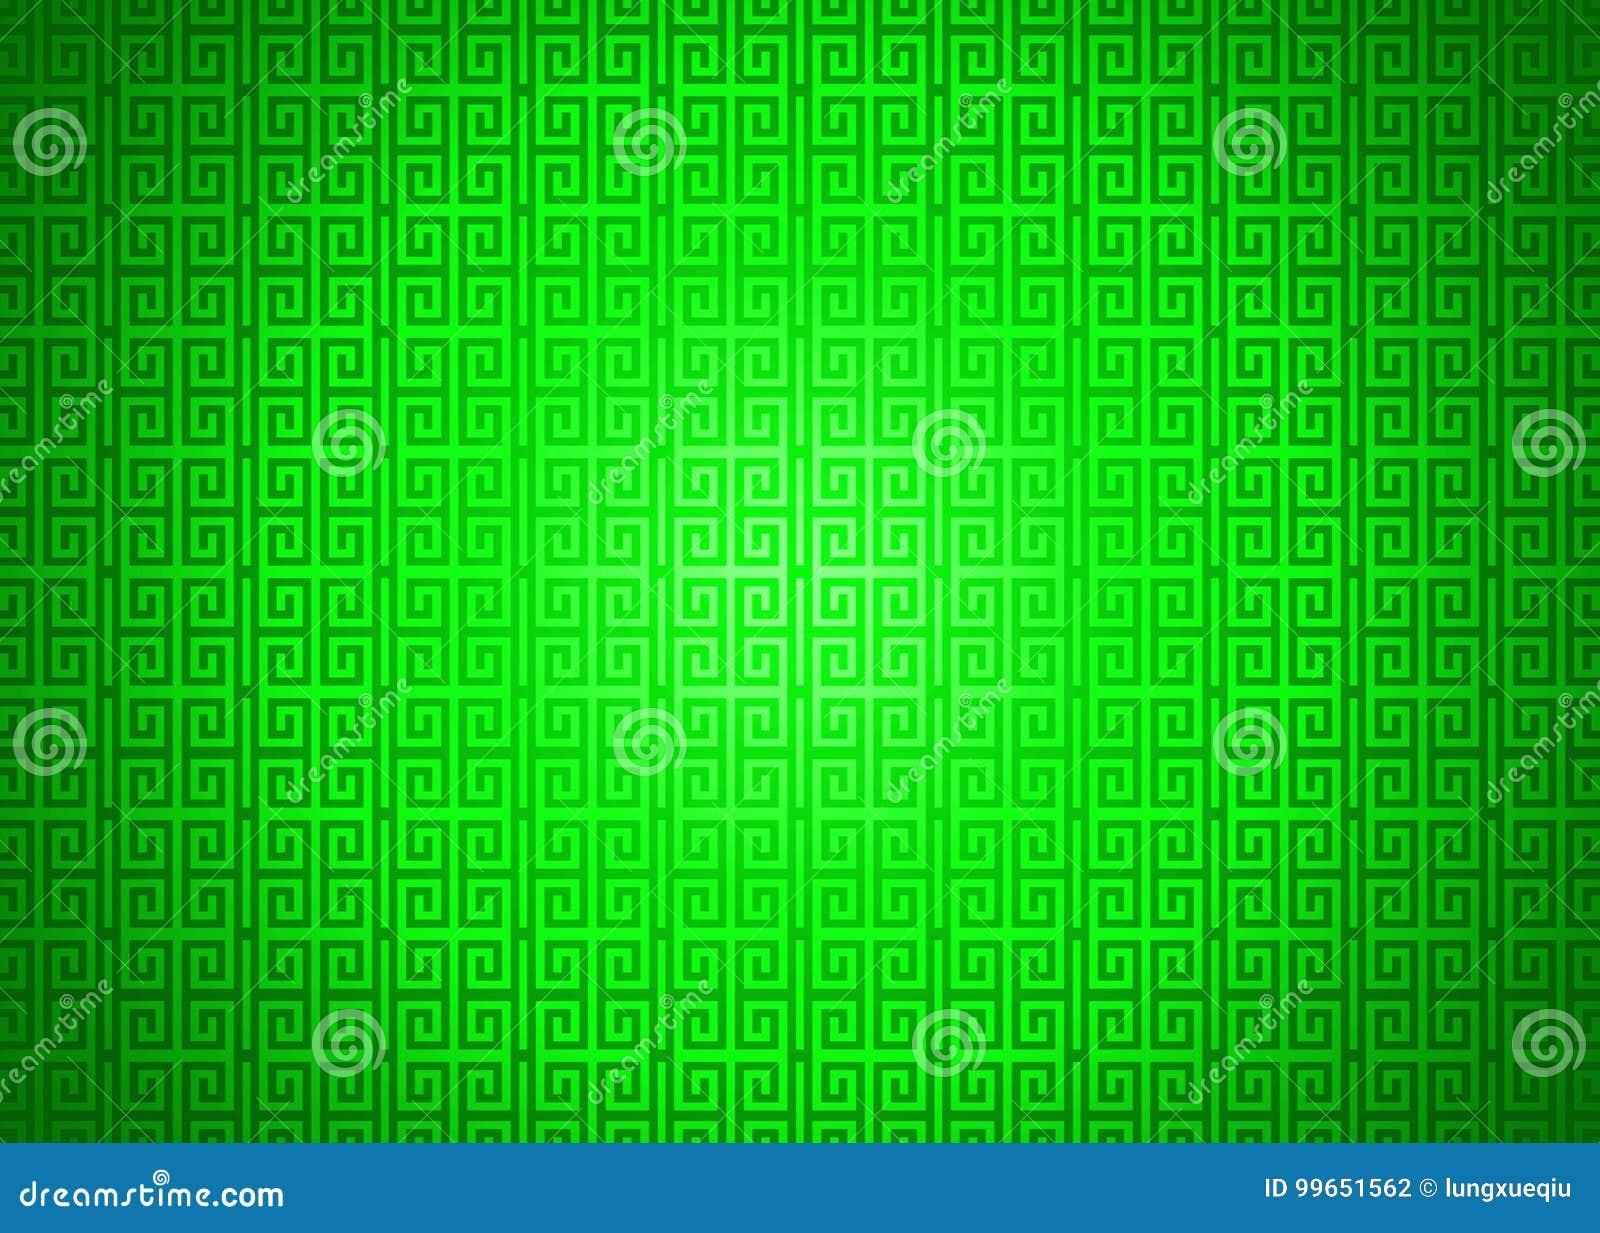 Escuro - fundo islâmico árabe chinês decorativo oriental verde da textura do teste padrão Imlek Ramadan Festival Wallpaper